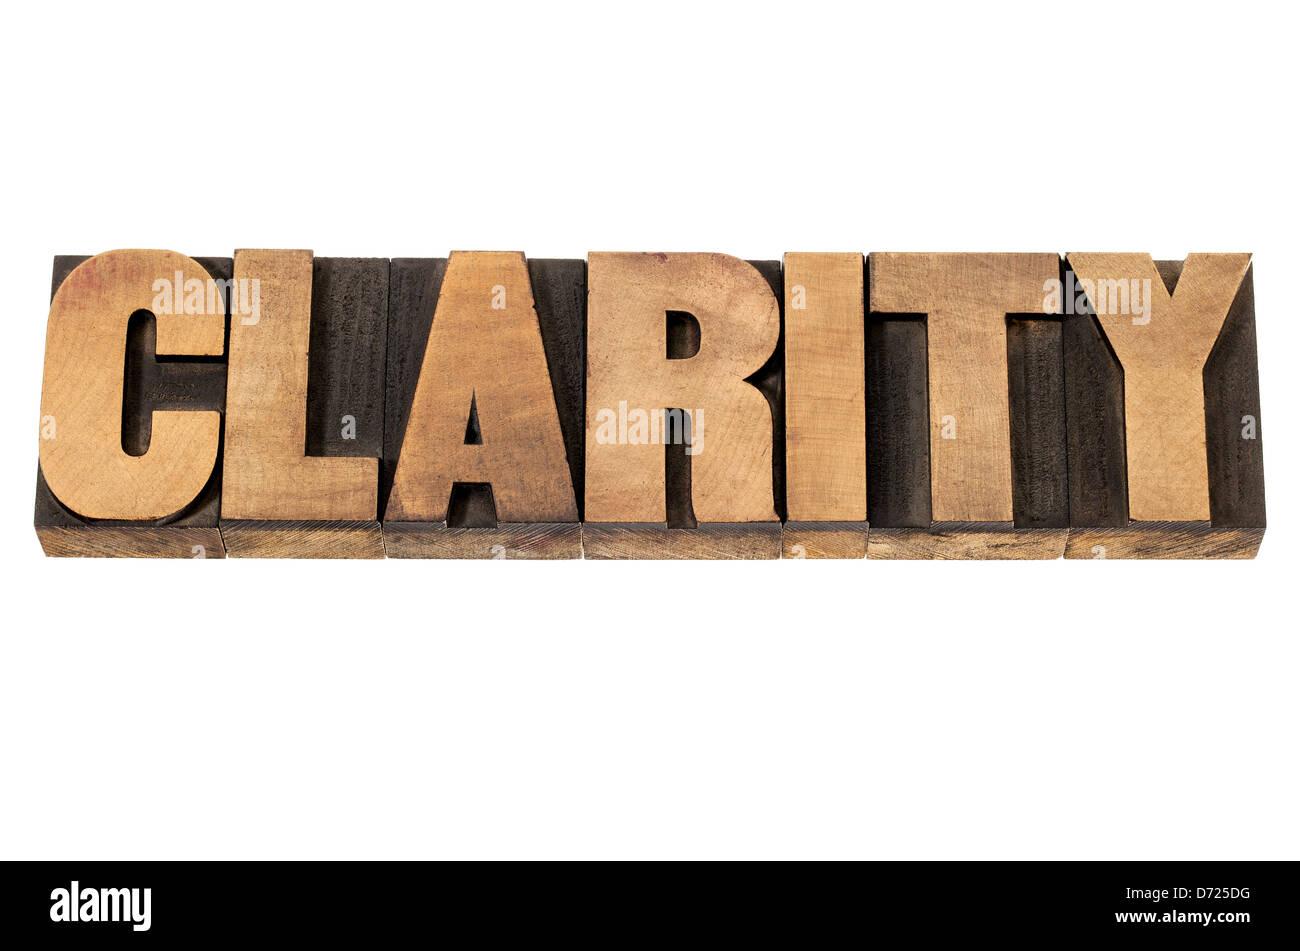 Claridad word - texto aislado en vintage tipografía tipo de madera bloques de impresión Imagen De Stock